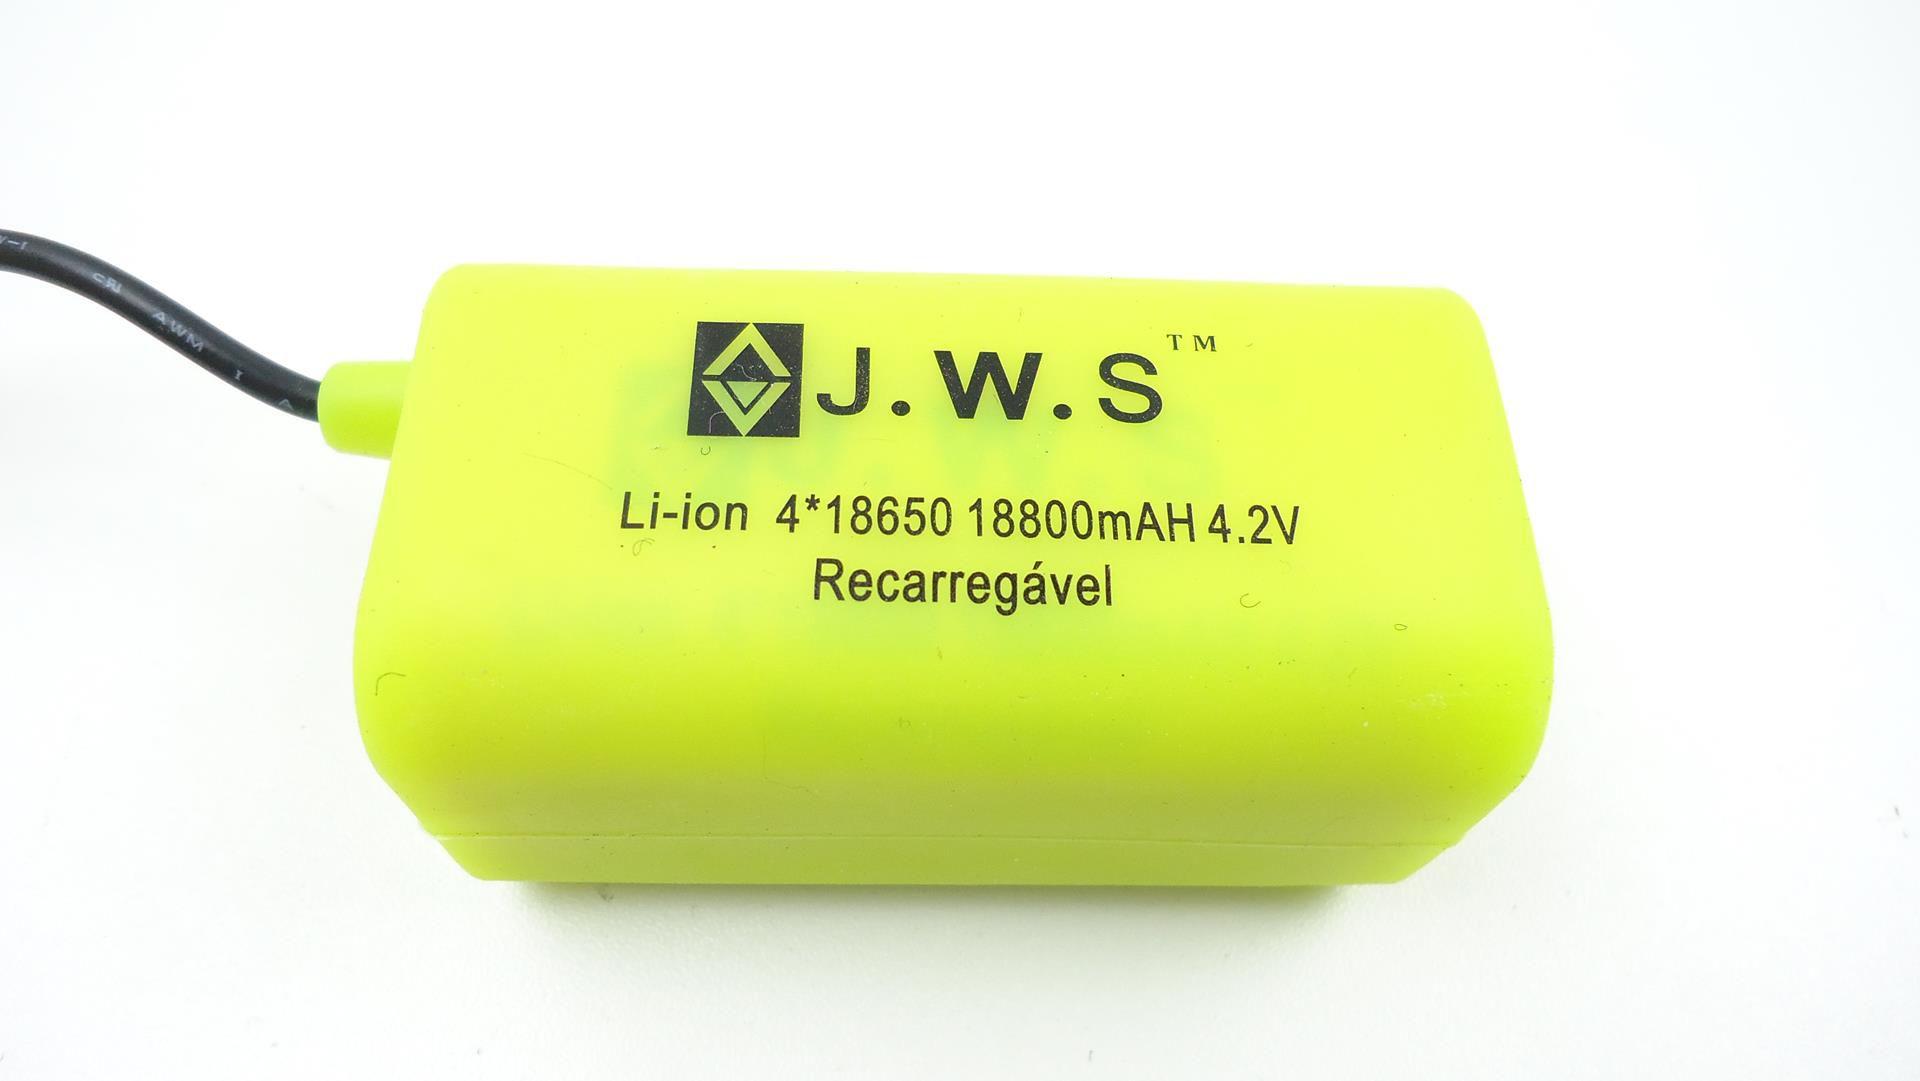 Bateria Externa para Farol Bicicletas JWS Recarregável de 4 células 18650 4.2v 18800mAh